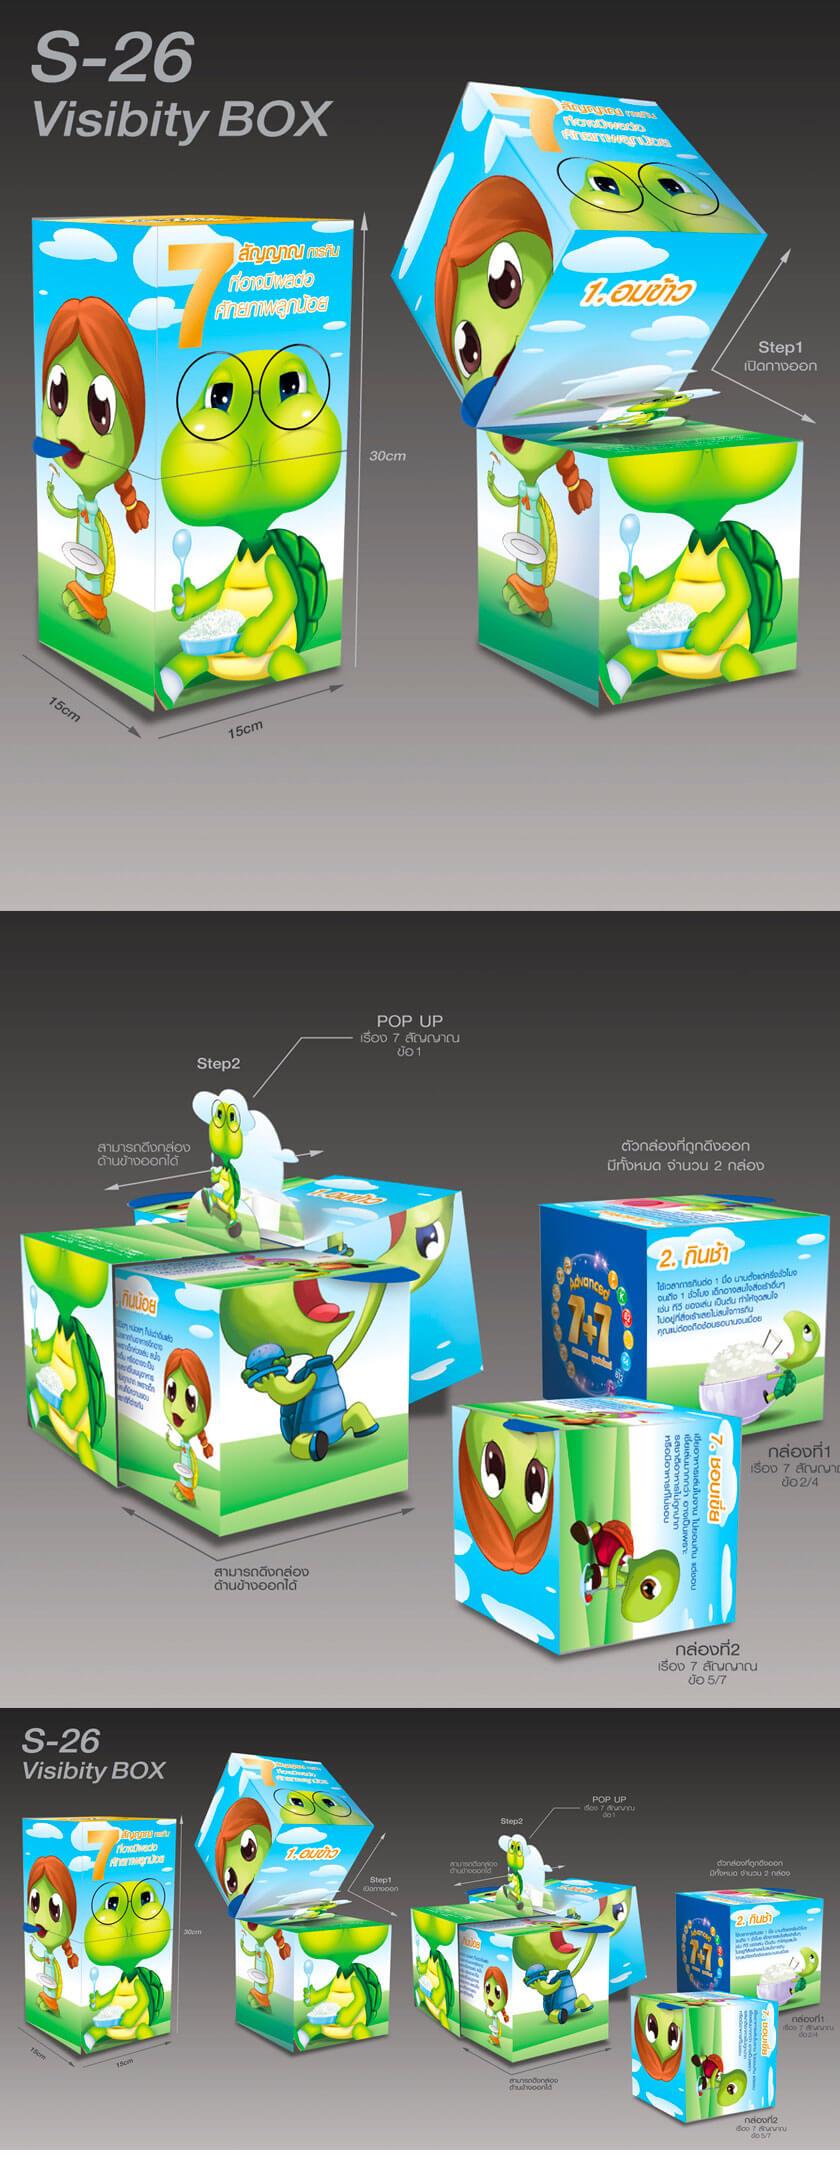 ออกแบบดีไซน์ ของเล่นเด็ก รูปแบบPackaging design พร้อมลูกเล่น POP UP ในการใช้งานในรูปแบบสิ่งพิมพ์เพิ่มกราฟฟิกให้น่าสนใจ สีสันสดใสดึงดูดสายตา